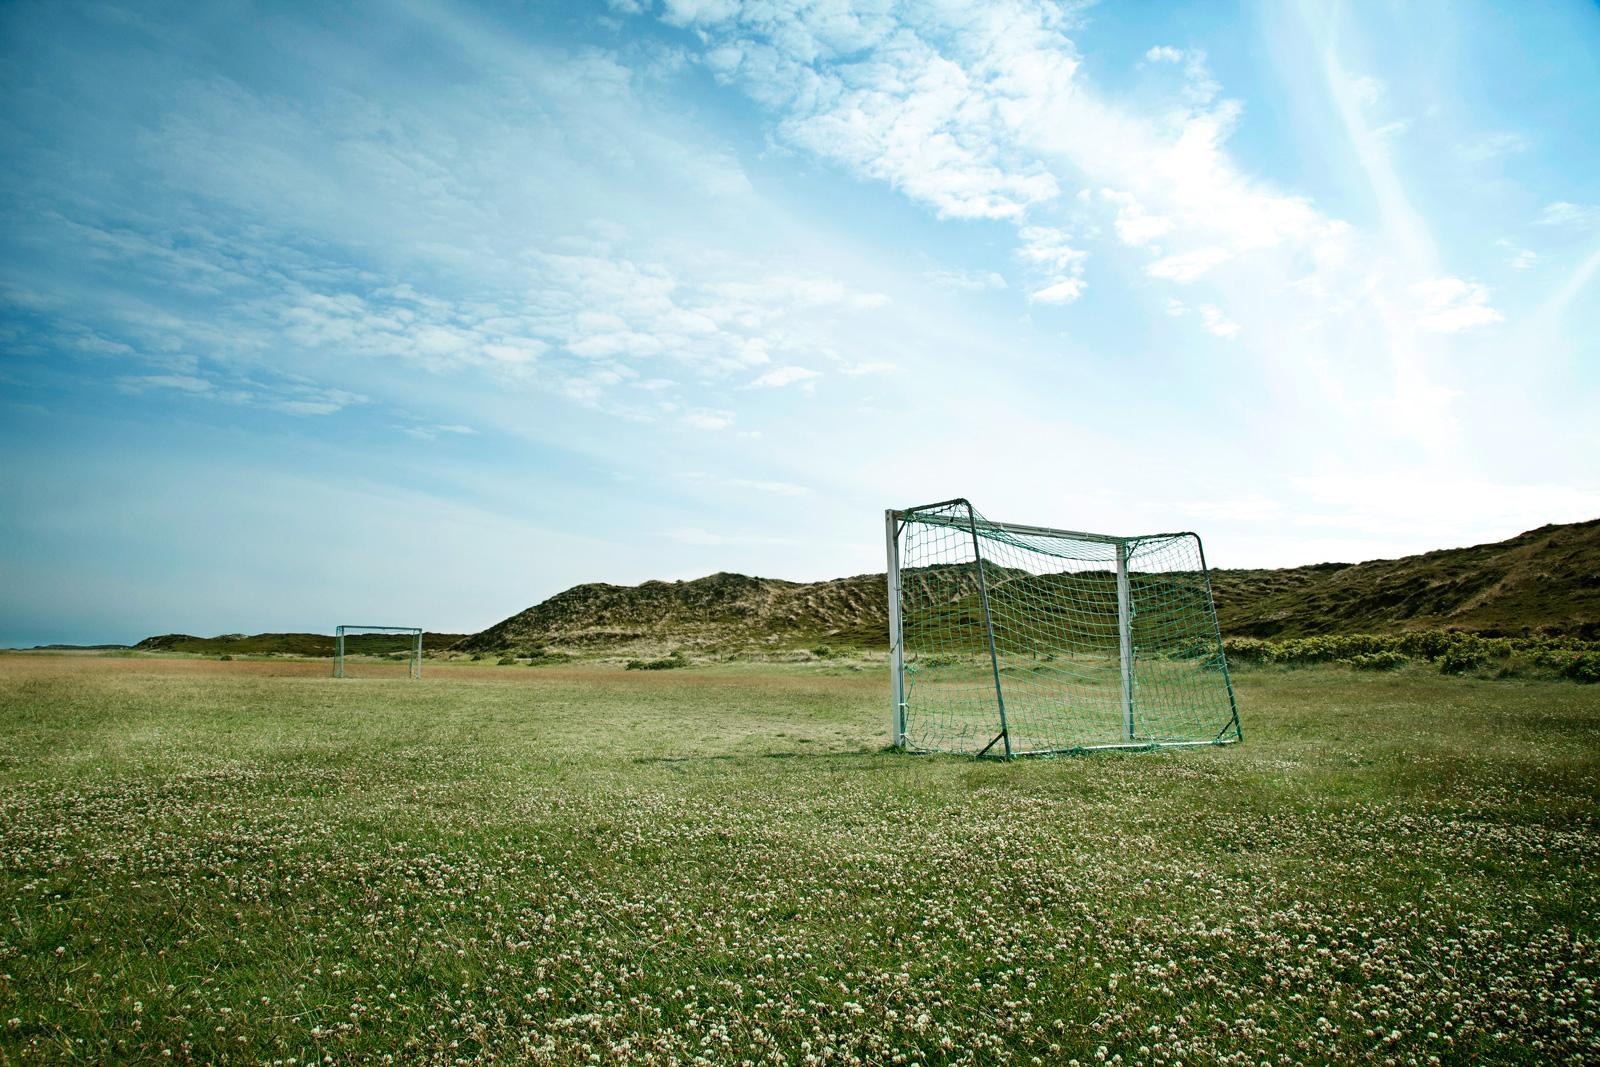 Sportsfield_03